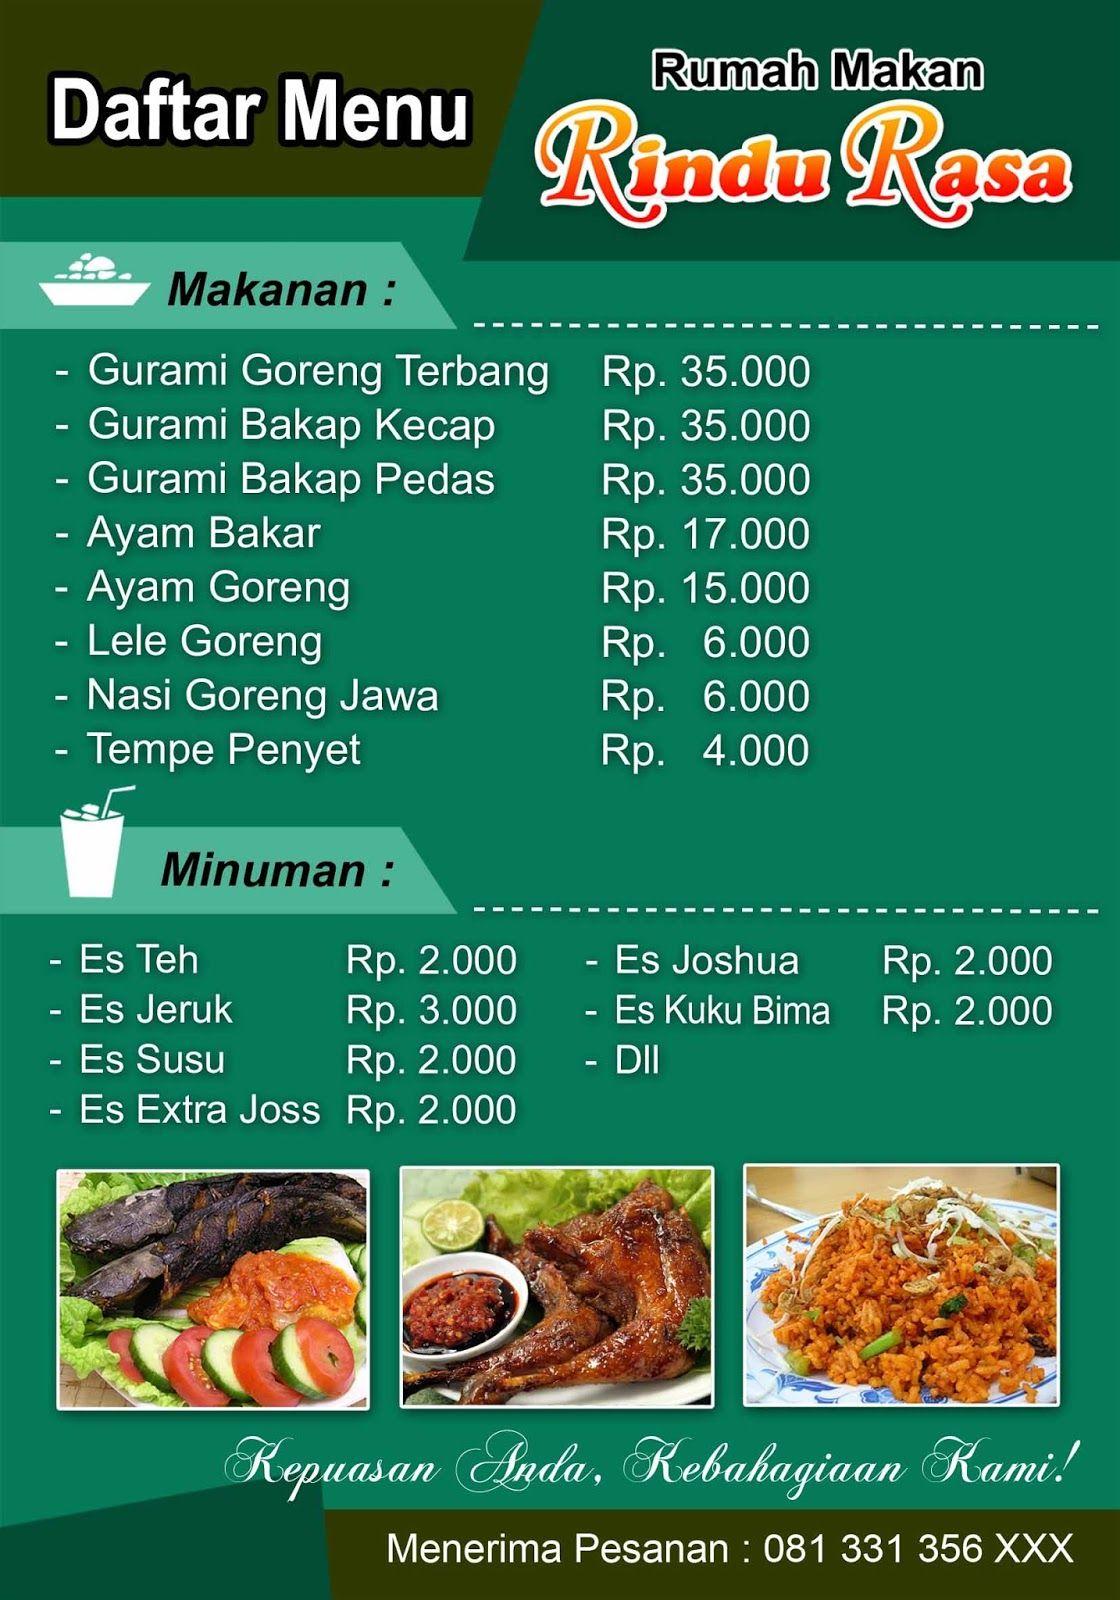 Image result for Daftar Menu Makanan | Makanan, Ayam goreng